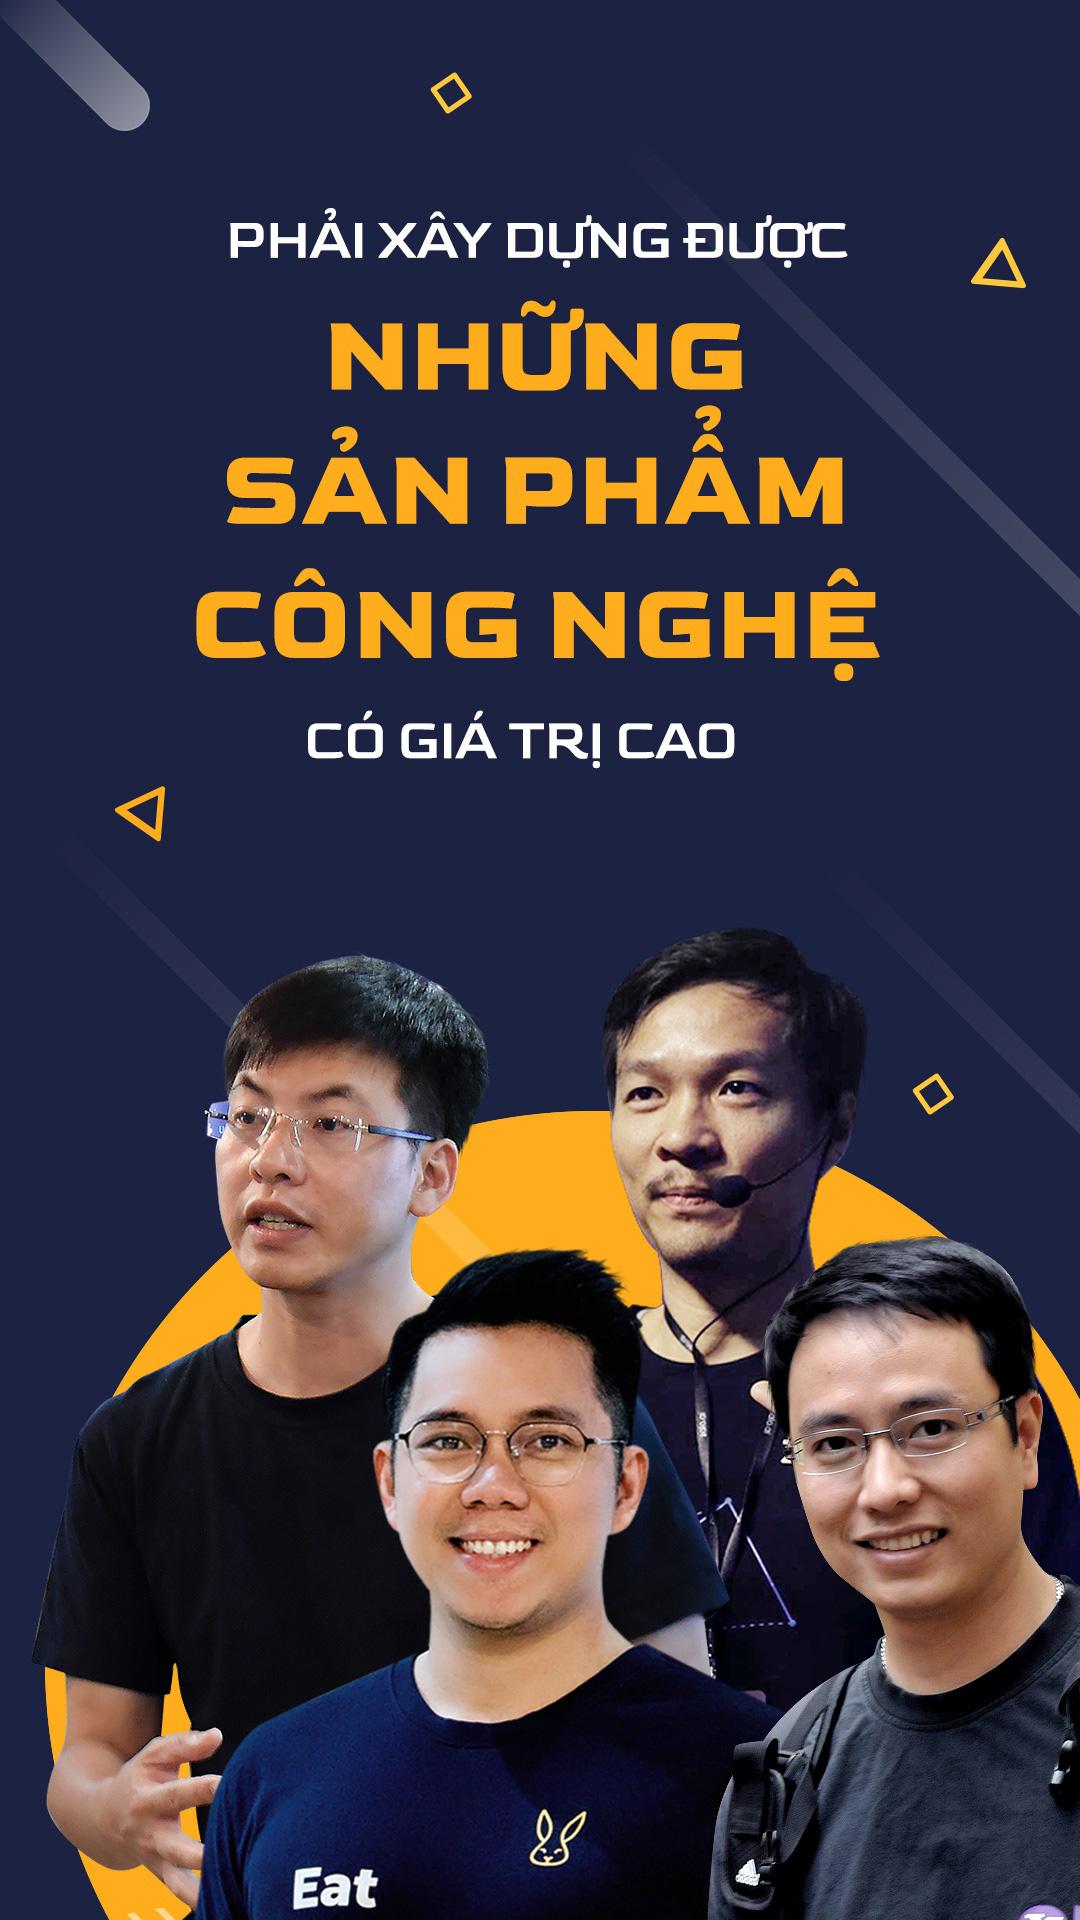 Startup Việt hiến kế phát triển công nghệ, đổi mới sáng tạo - Ảnh 1.